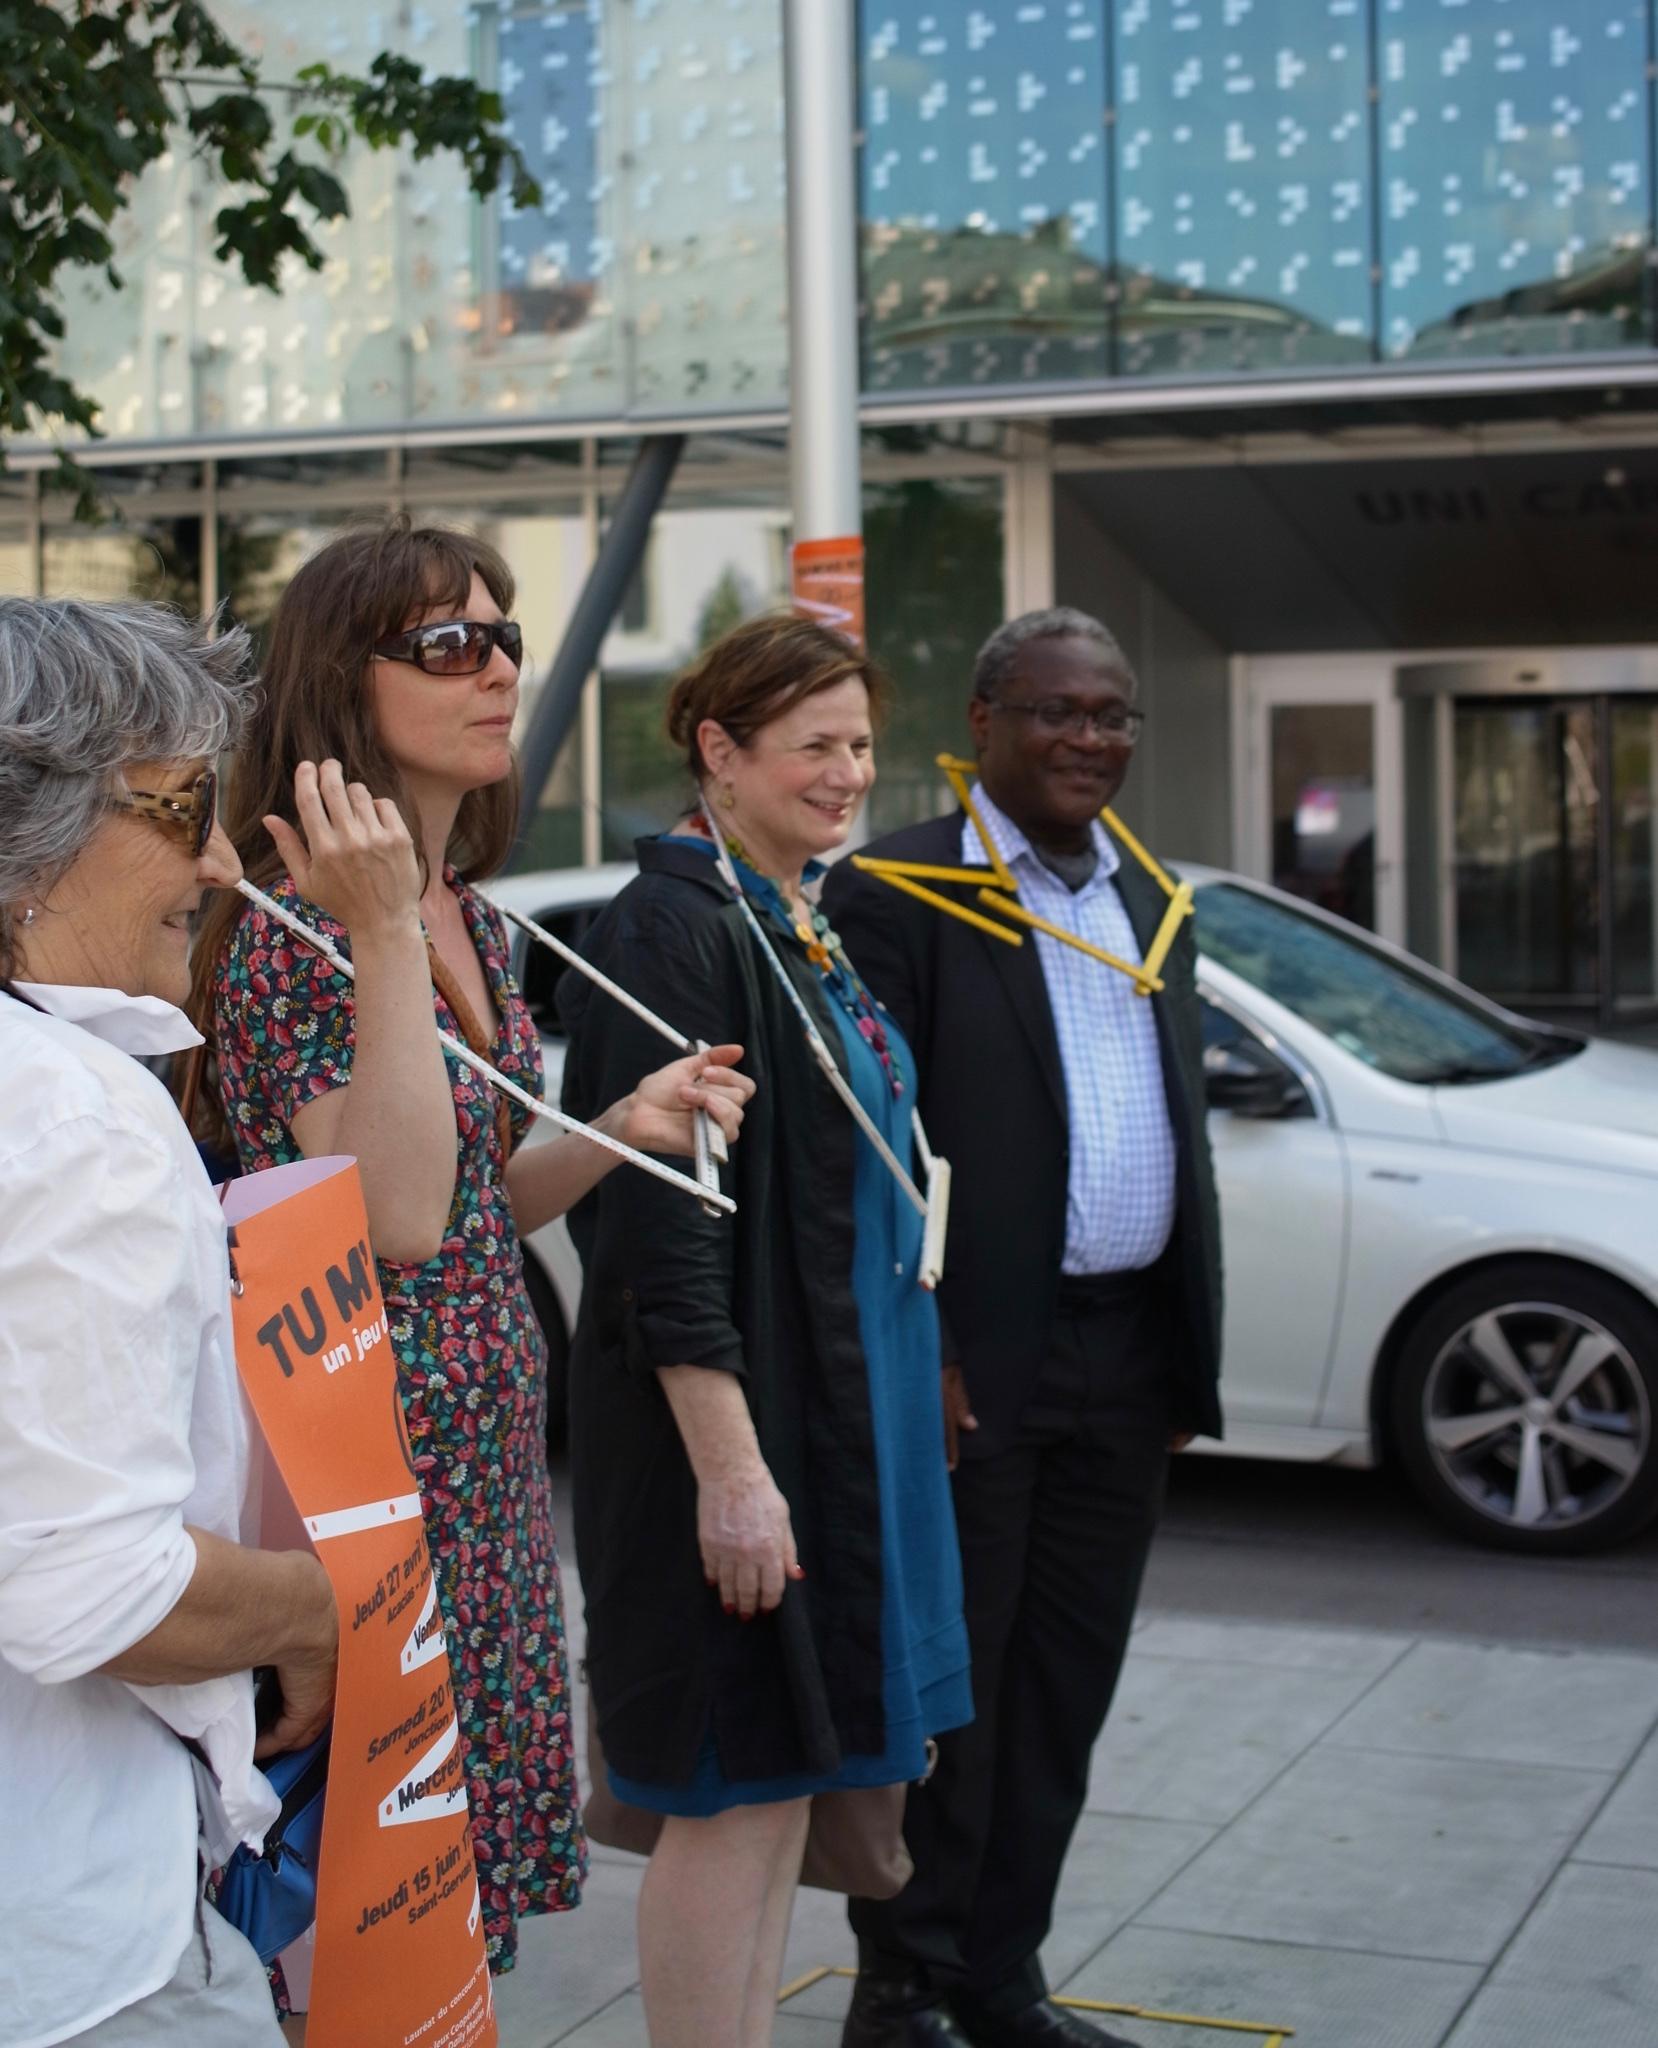 Esther Alder : conseillère administrative ville de Genève et Laurent Jimaja : maire du Grand-Saconnex sont venus relever le défi coopératif «Tu m'as vu?». Catherine Froidevaux (à gauche) conceptrice du projet est à leur côté